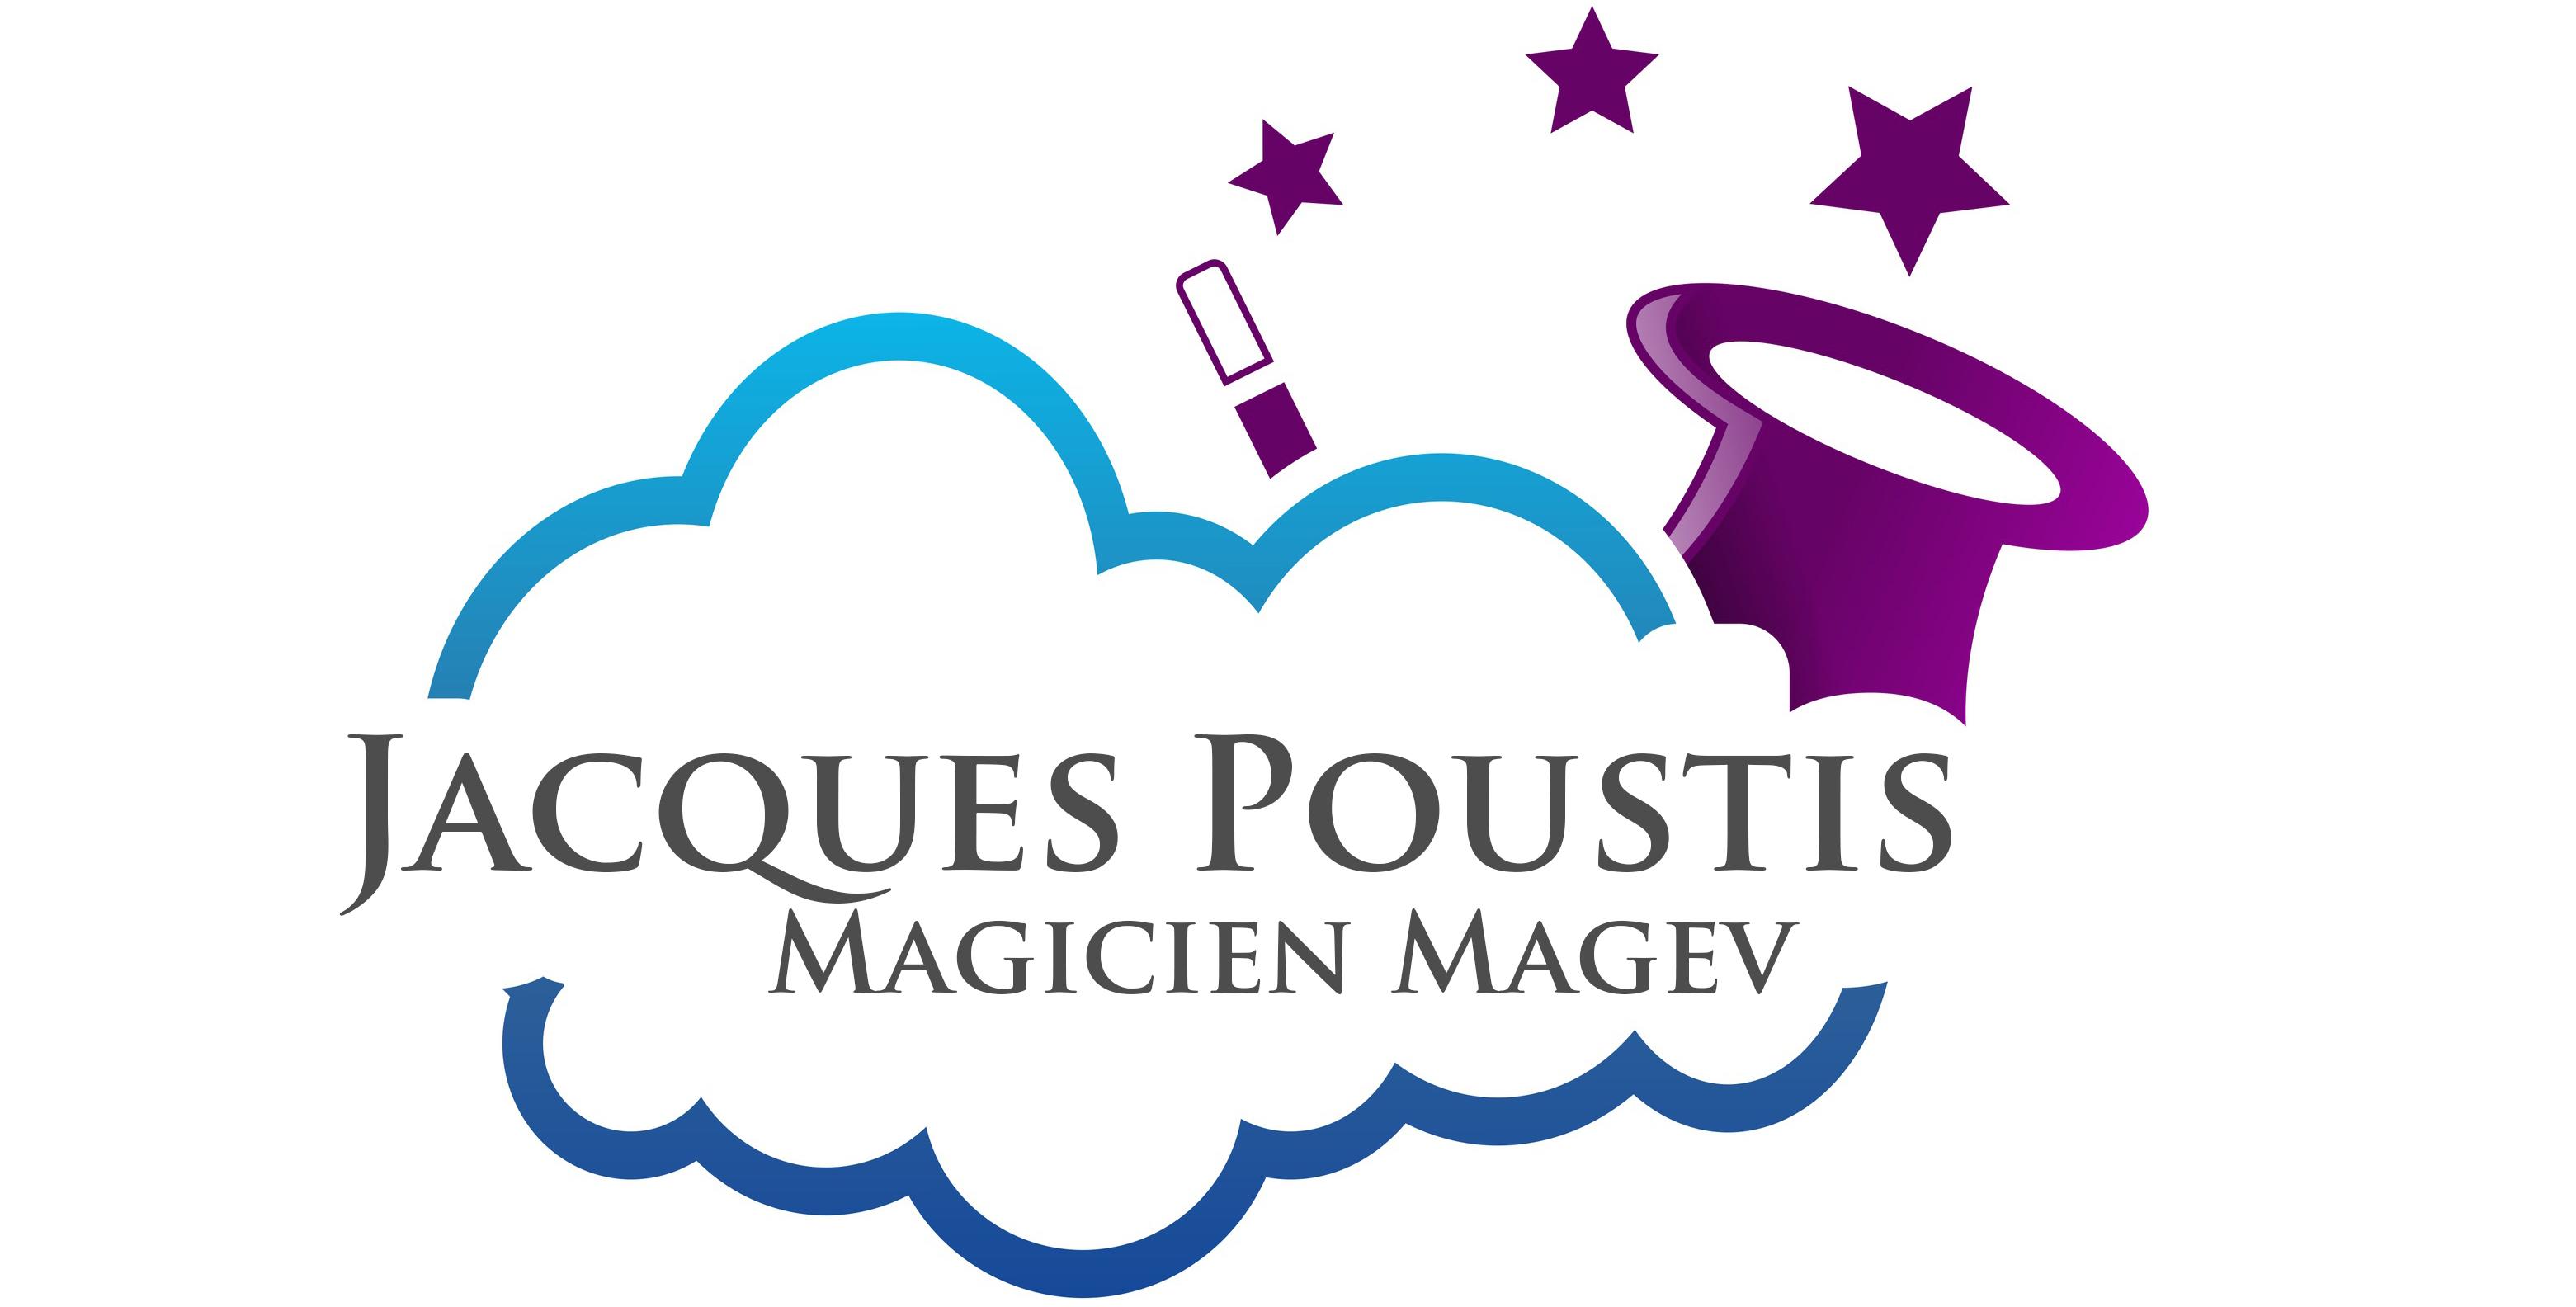 Jacques Poustis